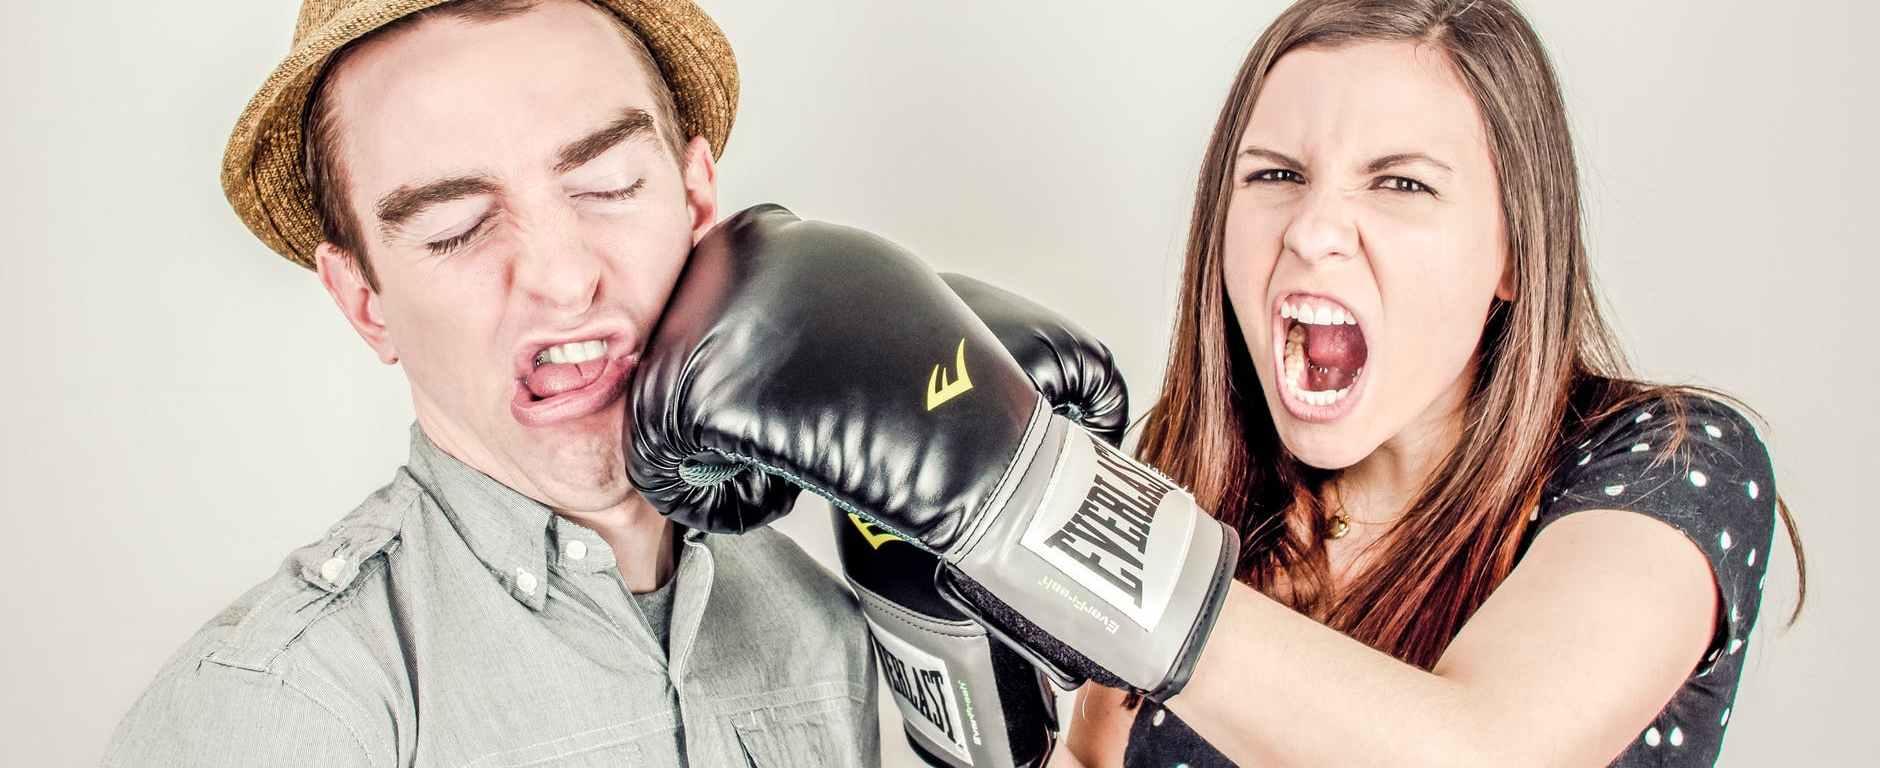 διαζύγιο, χωρισμός, συγκρούσεις. εχθρική σχέση, κακή επικοινωνία, λόγοι χωρισμού